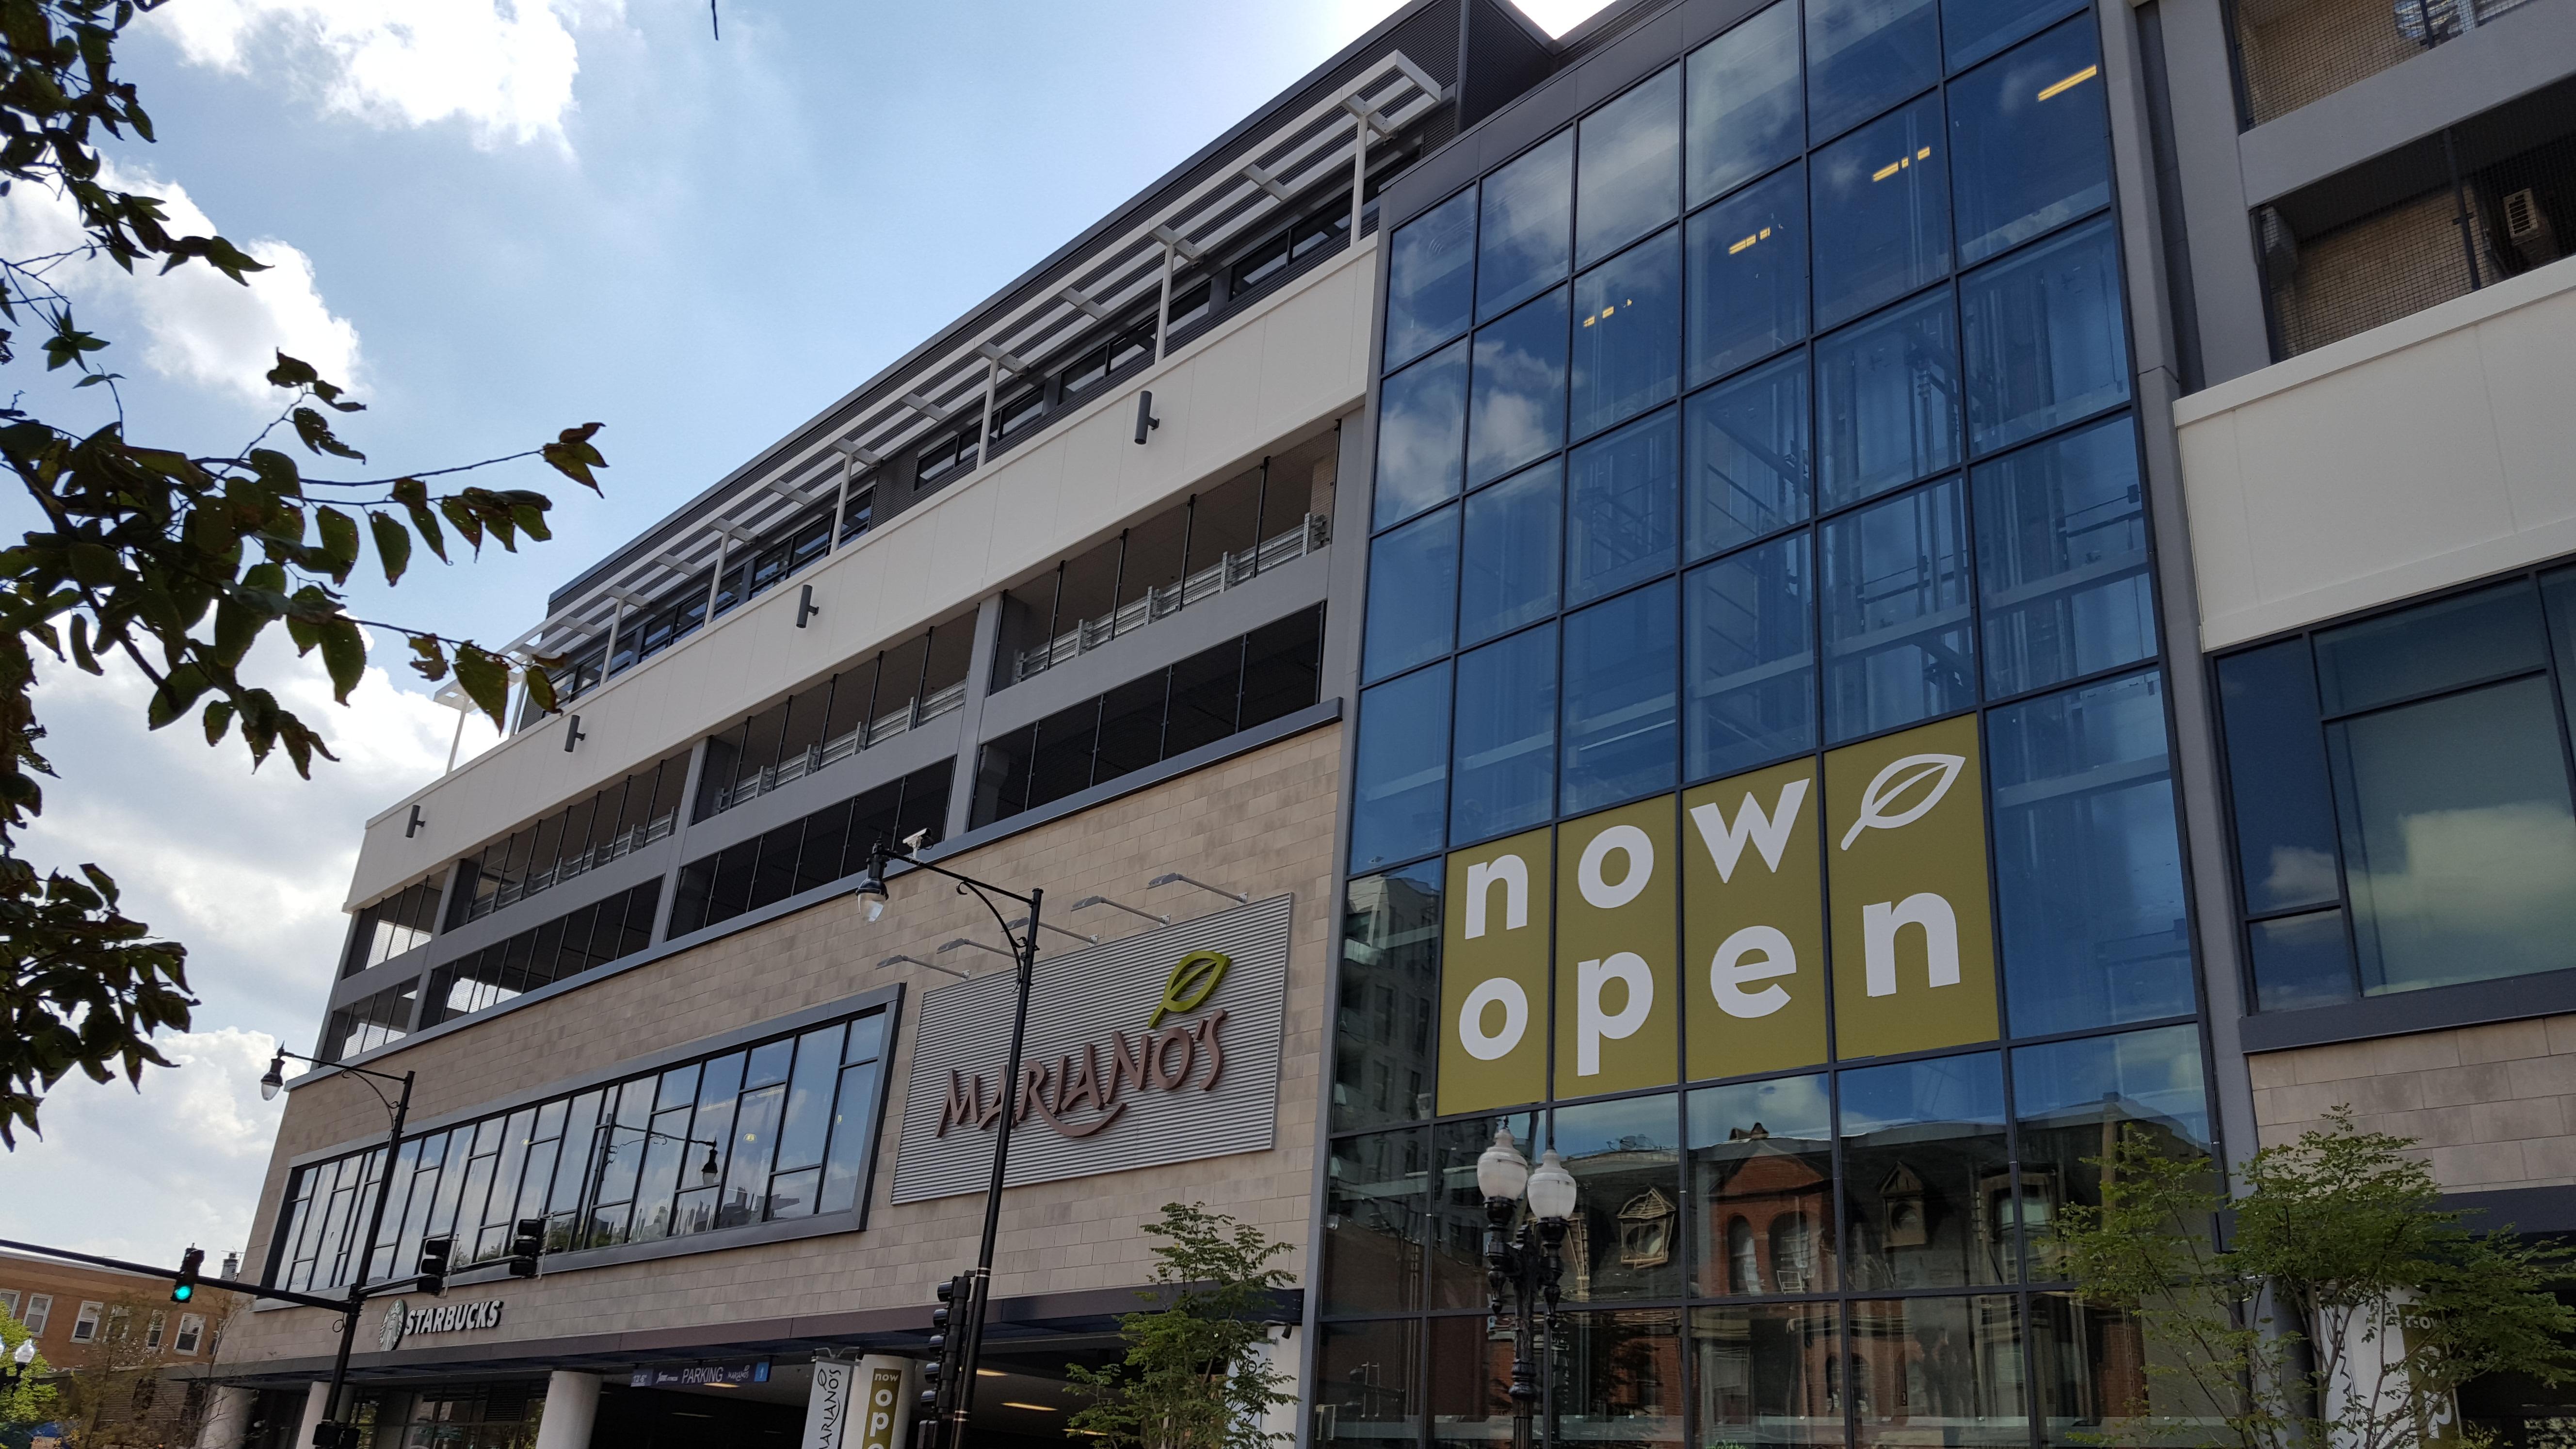 Mariano's Store